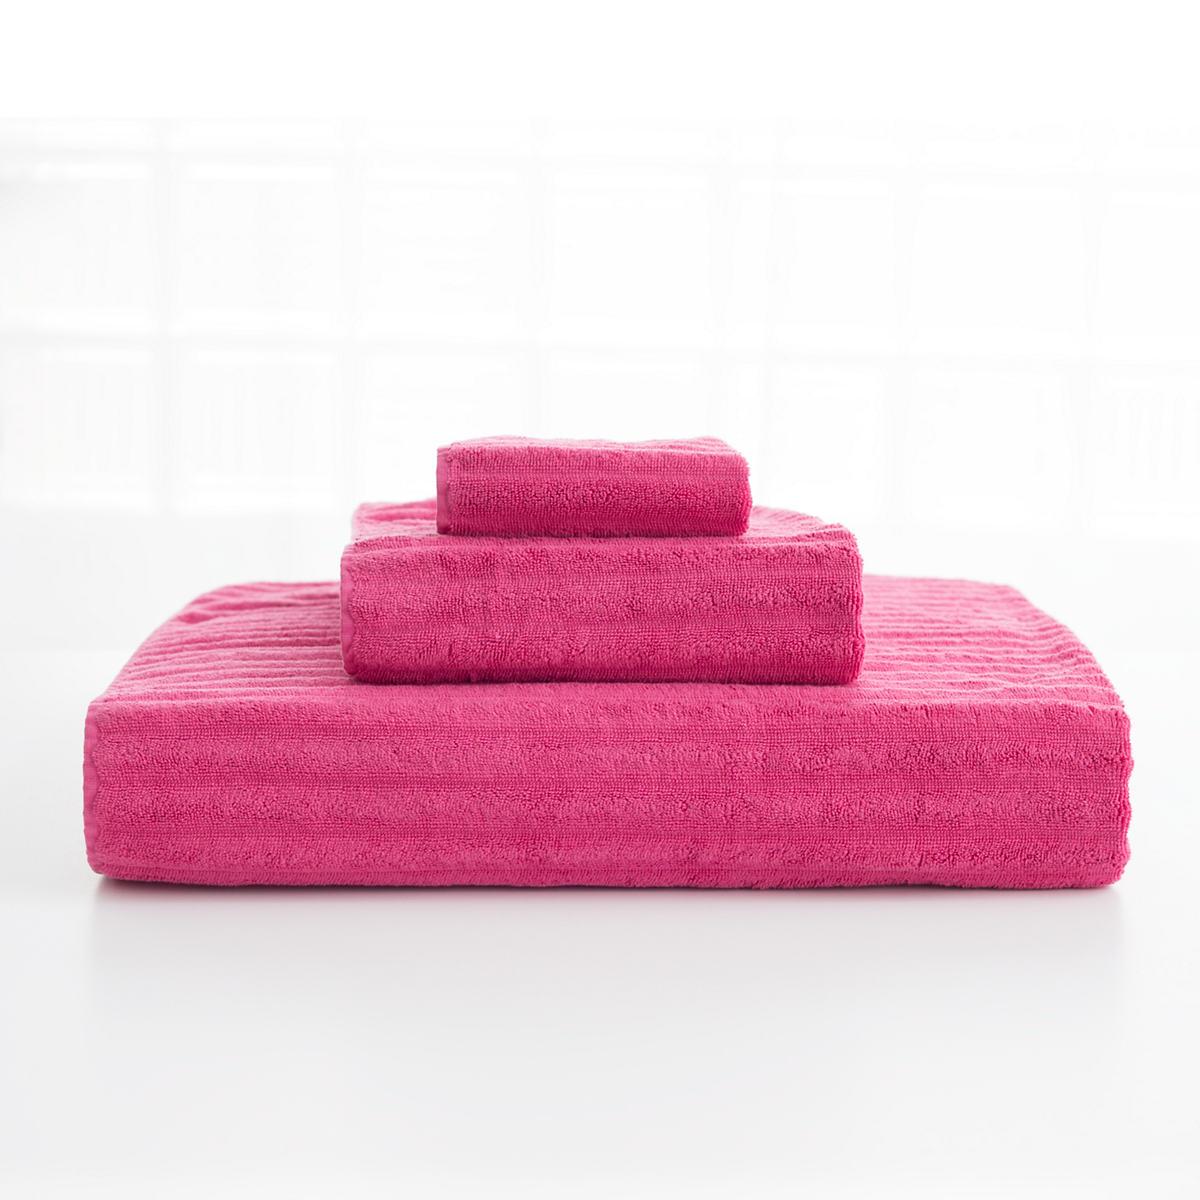 Boyfriend Fuchsia Towel